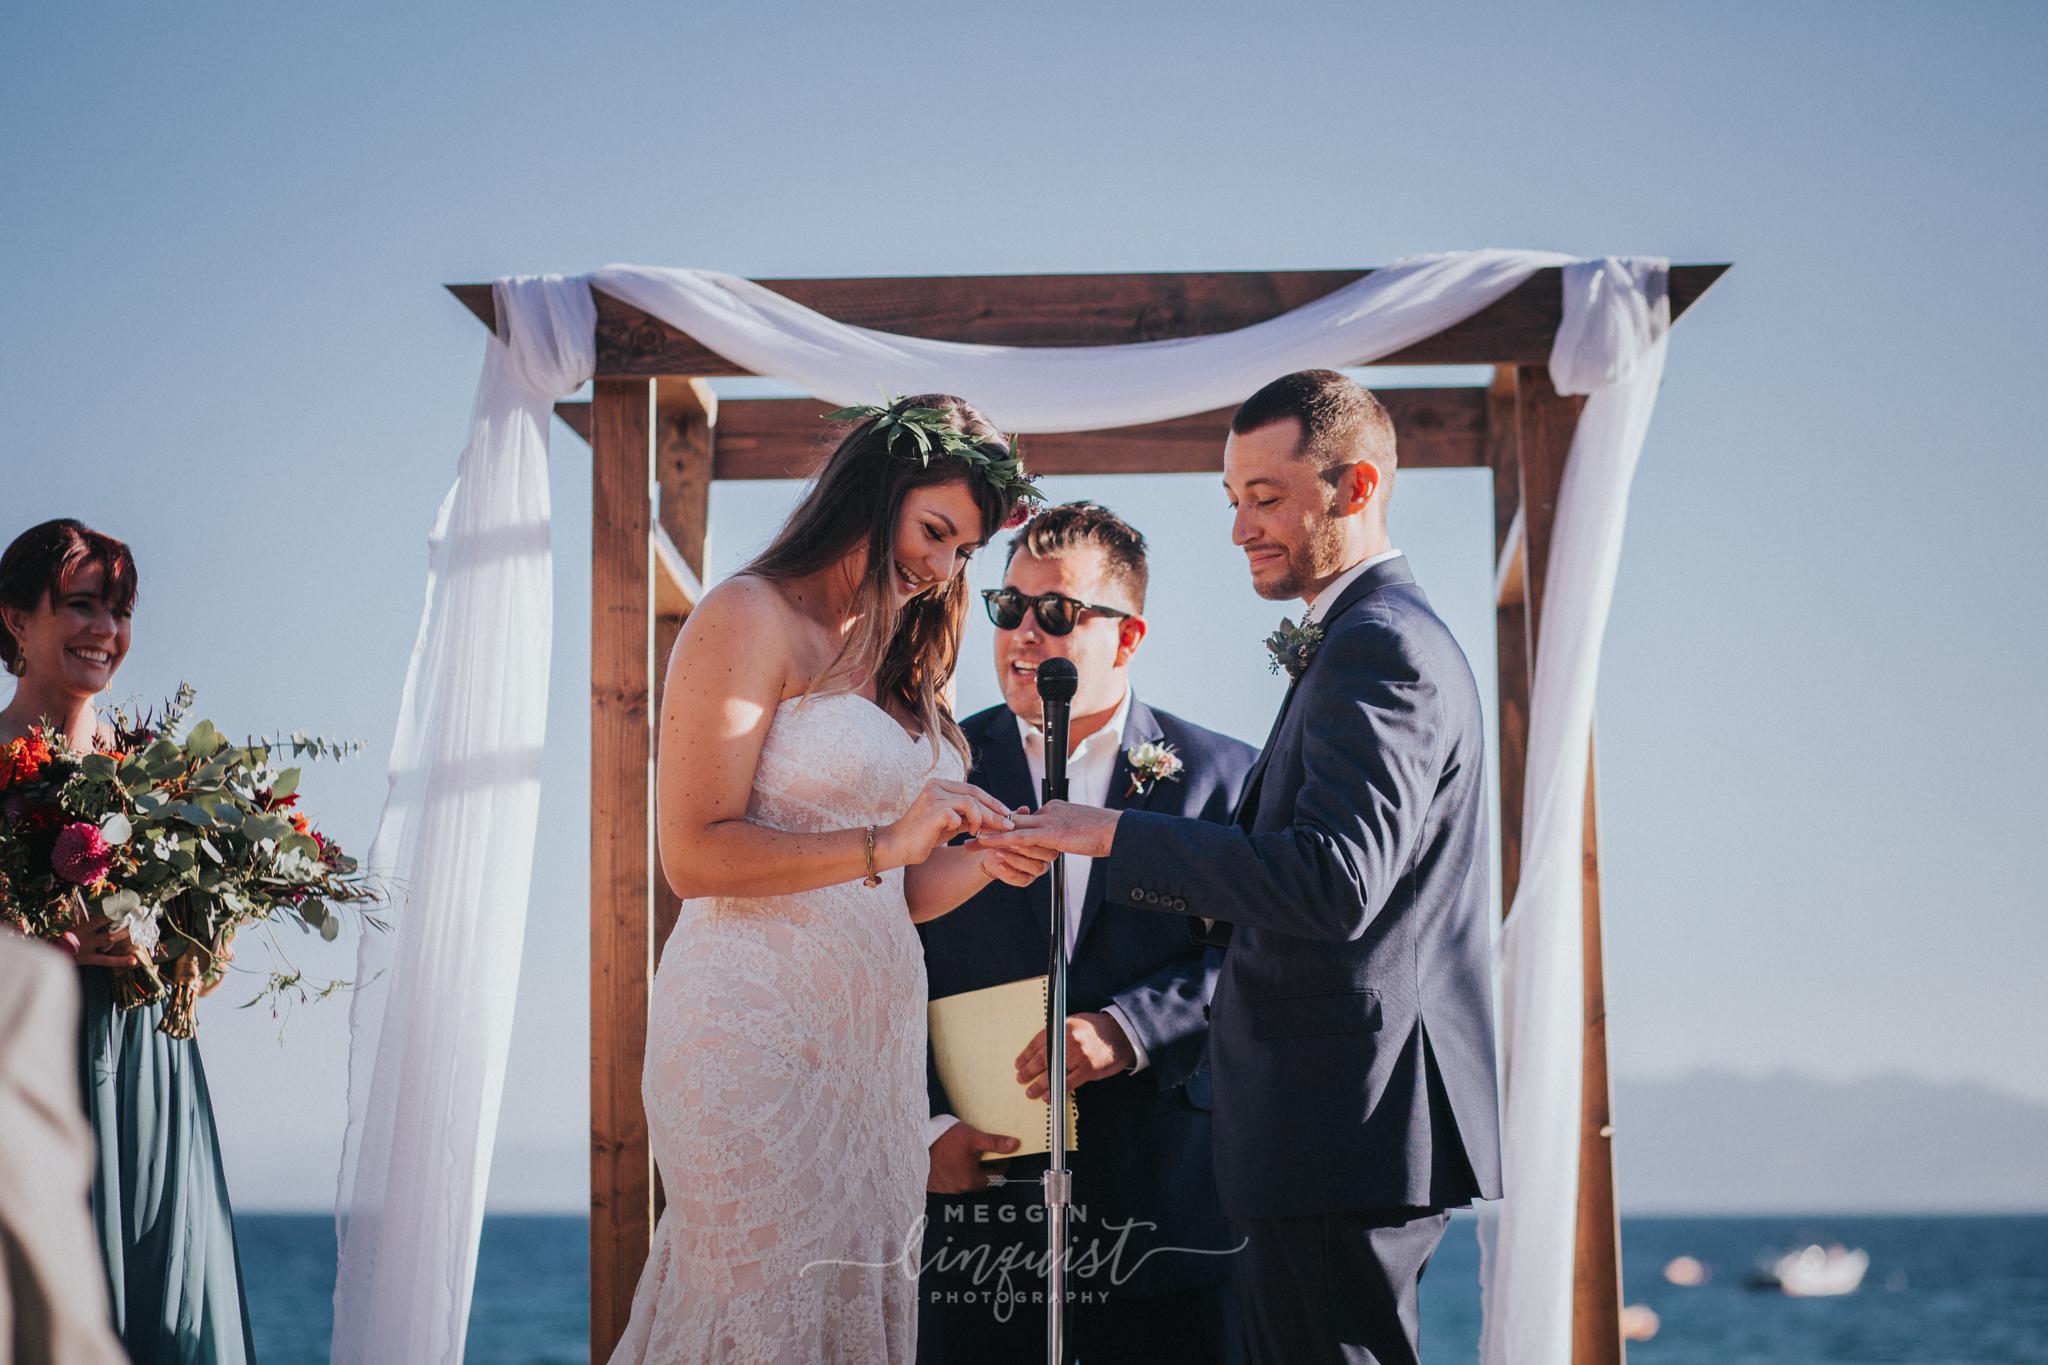 bohemian-style-lake-wedding-reno-lake-tahoe-wedding-photographer-20.jpg